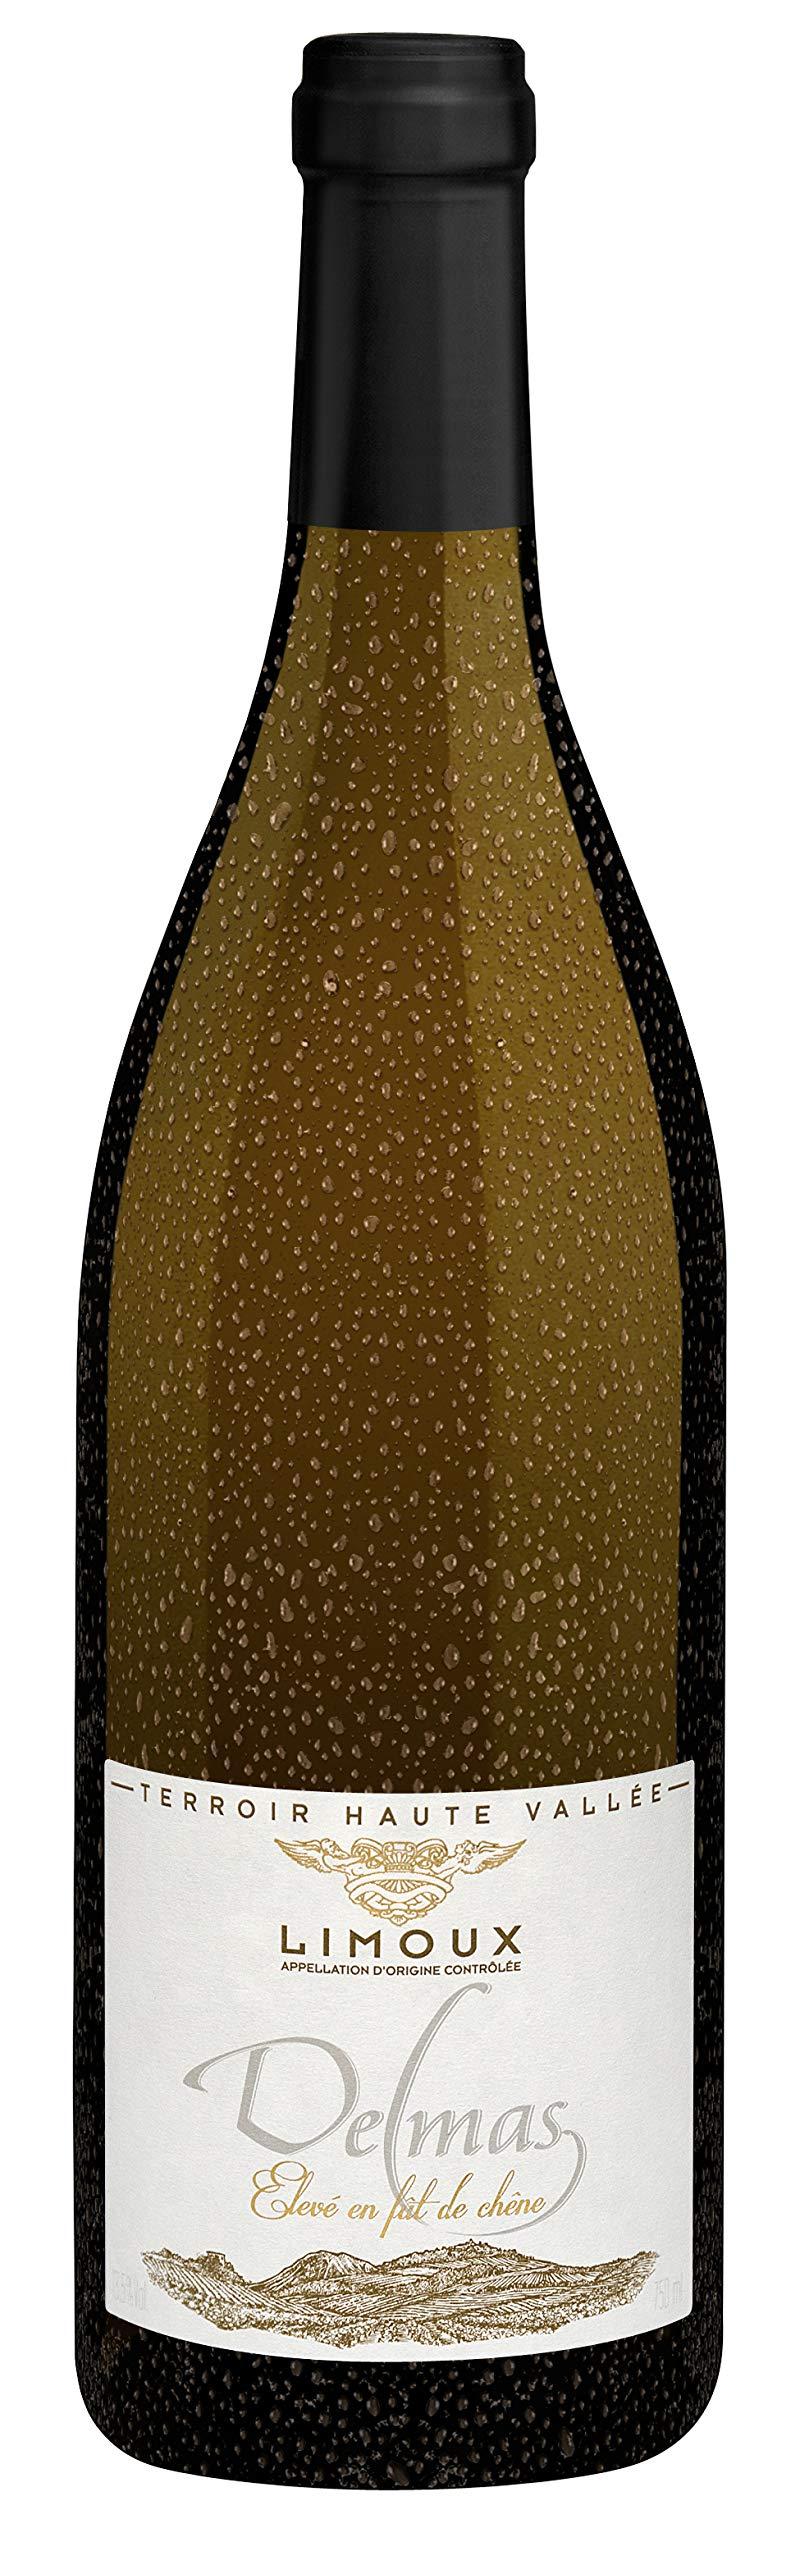 Biowein-Delmas-Chardonnay-lev-en-ft-de-chne-Limoux-AOP-2016-trocken